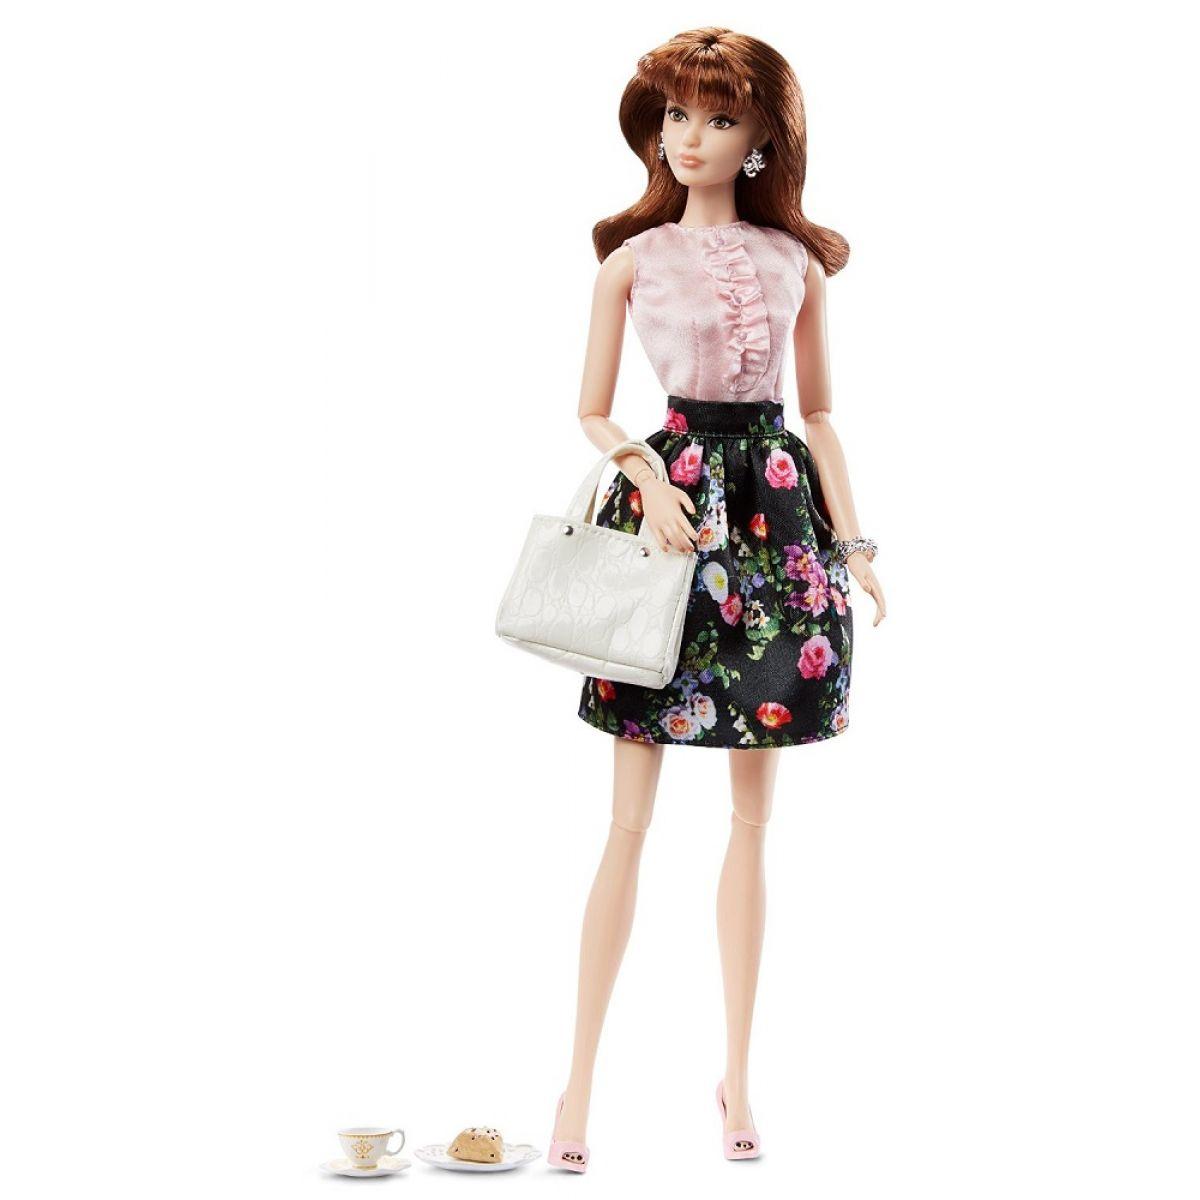 Barbie Sběratelská panenka The Look - Kytičkované šaty